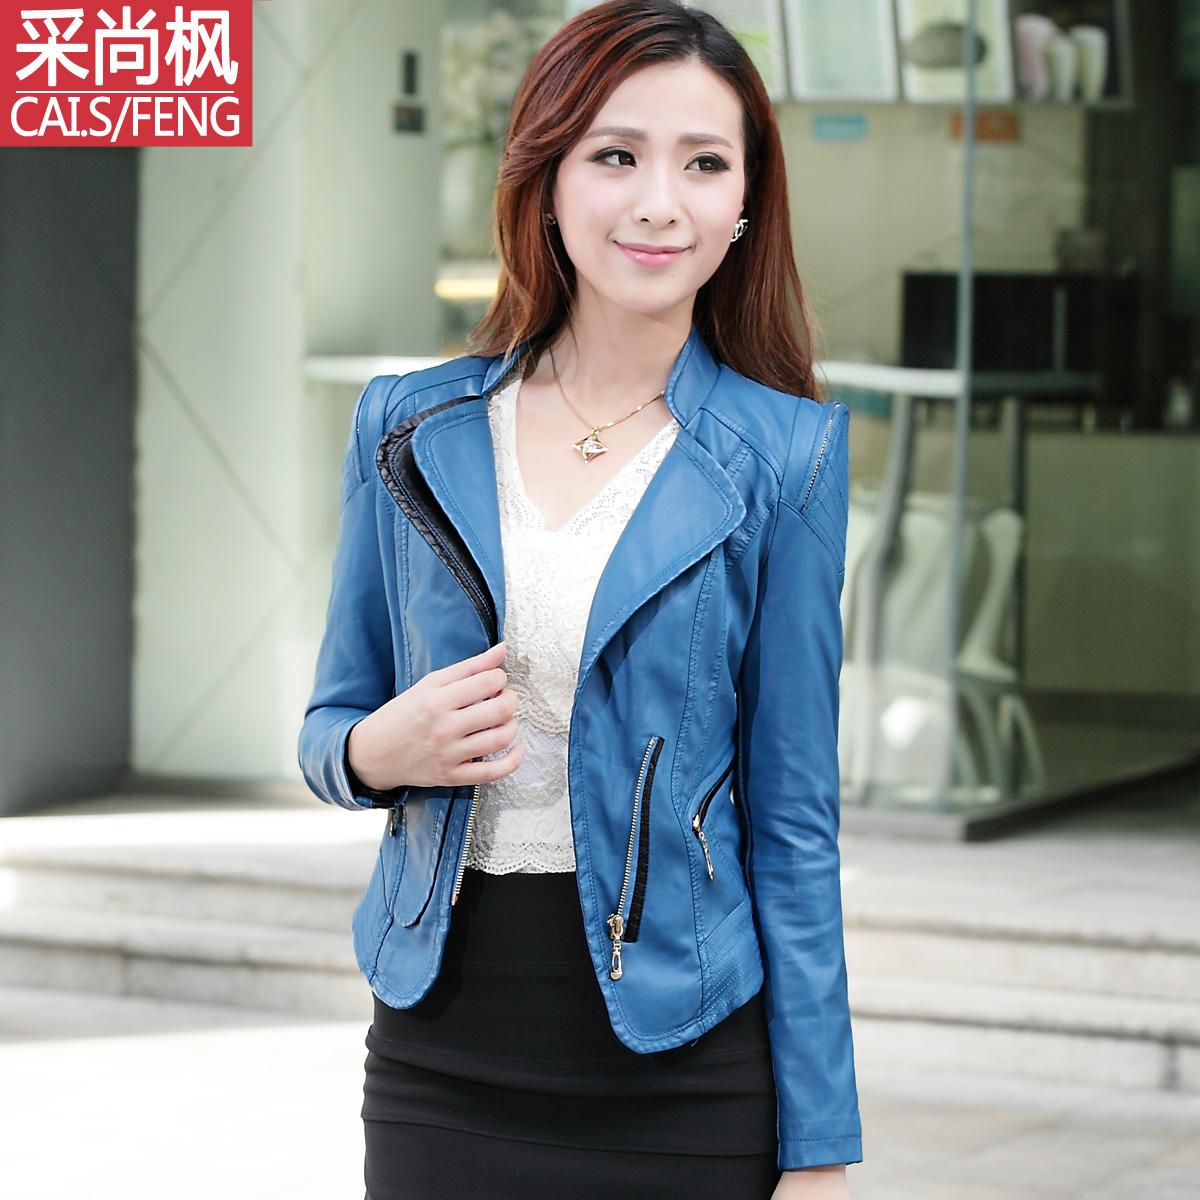 采尚枫2013秋装新款女装韩版翻领女士PU皮衣女短款修身皮夹克外套 价格:188.00